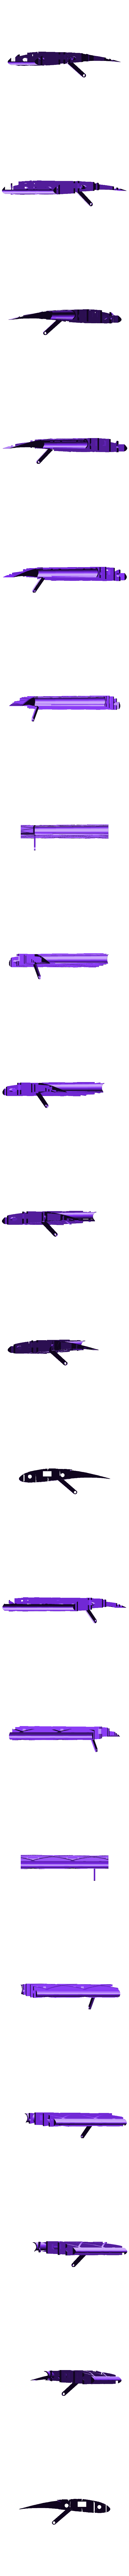 Wing_2L_Scaled.stl Télécharger fichier STL gratuit Module HF3D : Plan imprimé 3D • Modèle pour imprimante 3D, FurEter